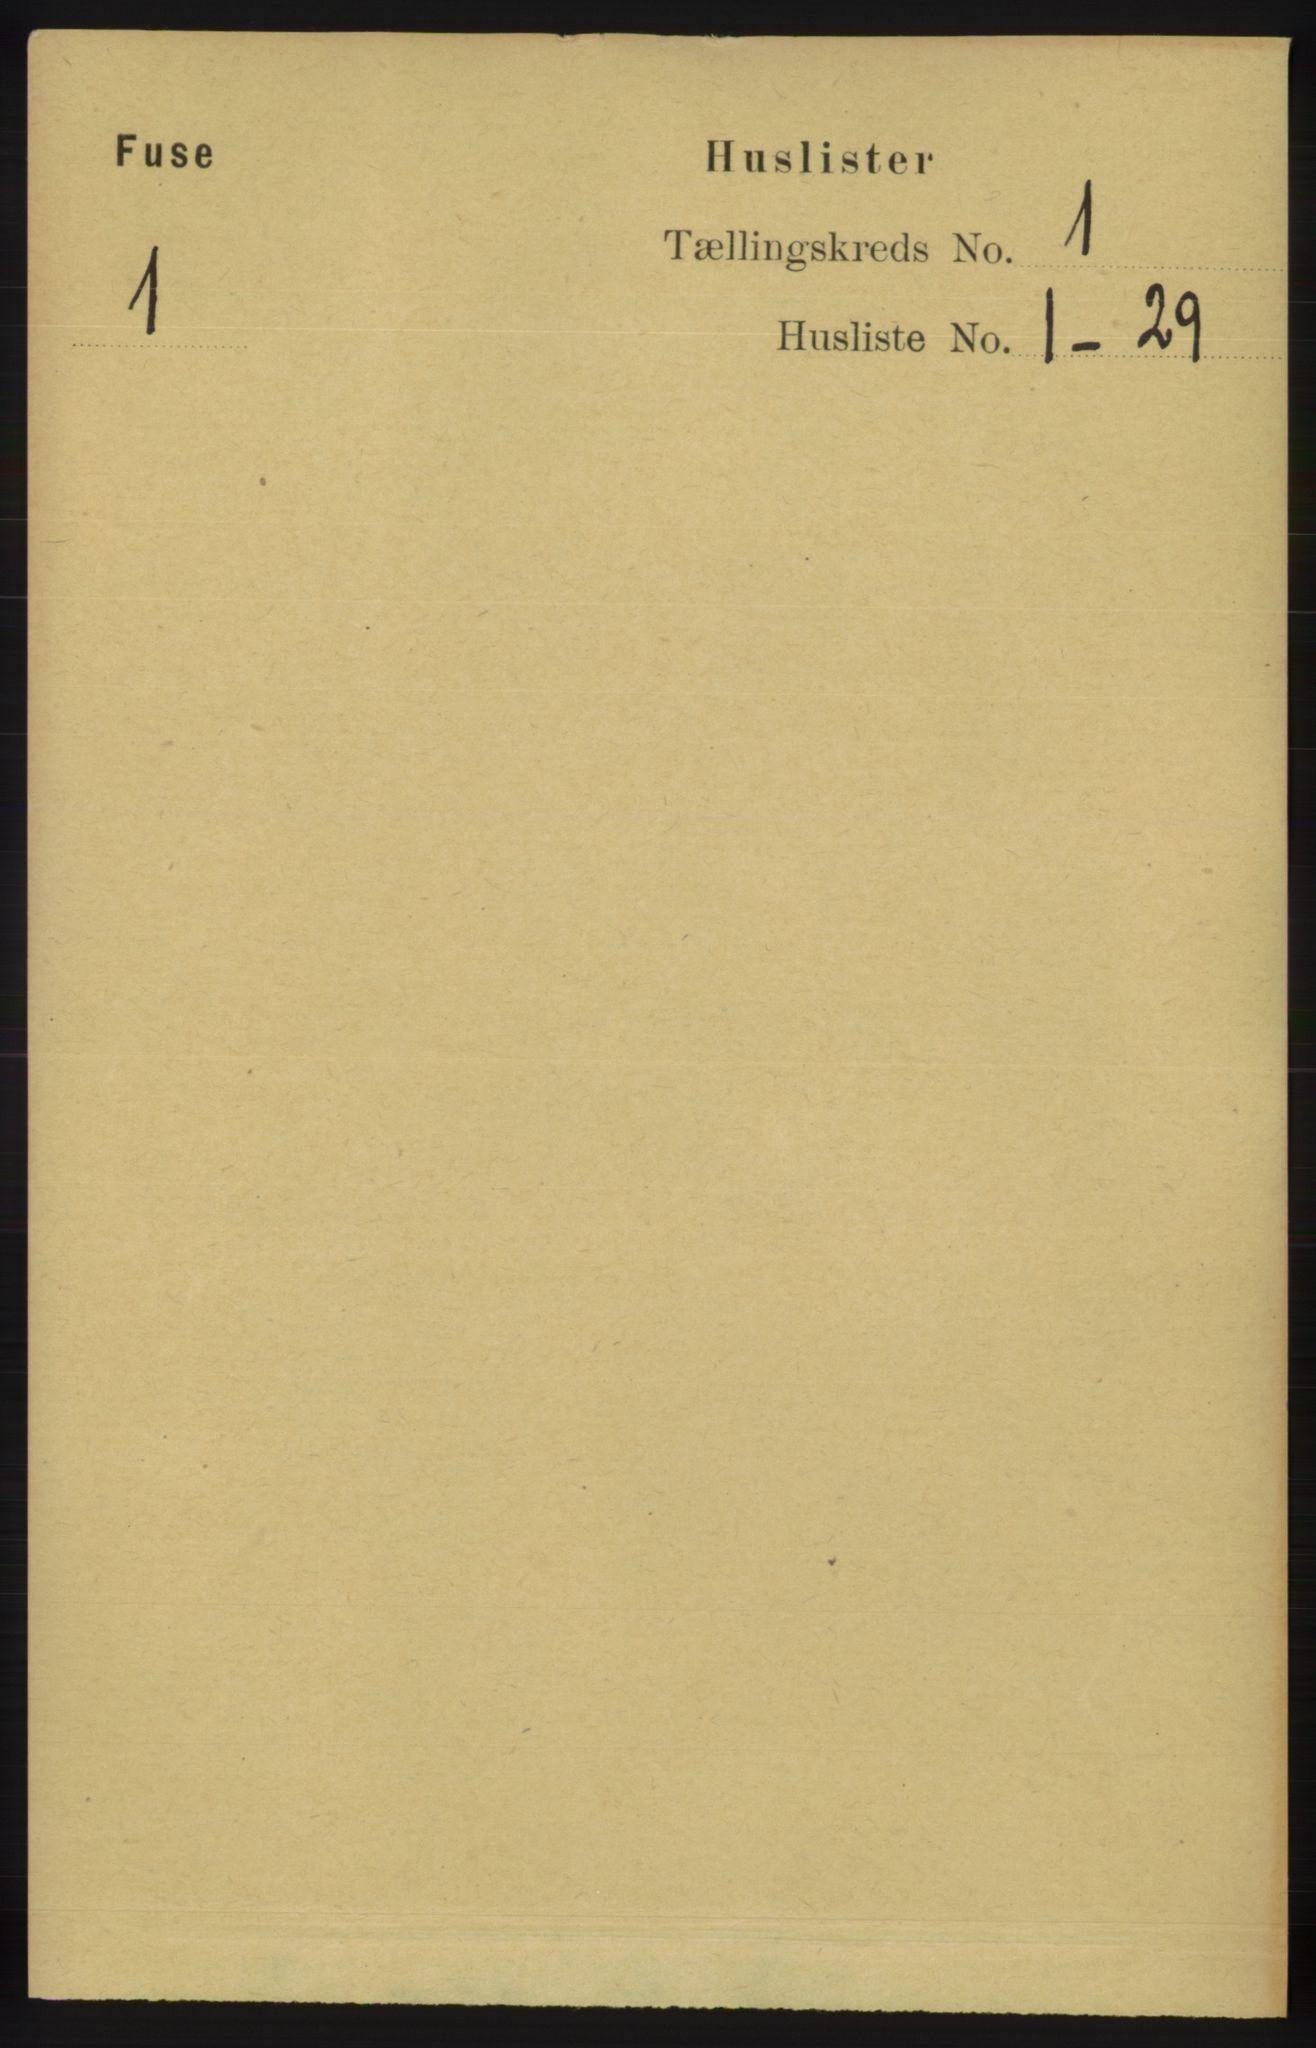 RA, Folketelling 1891 for 1241 Fusa herred, 1891, s. 41